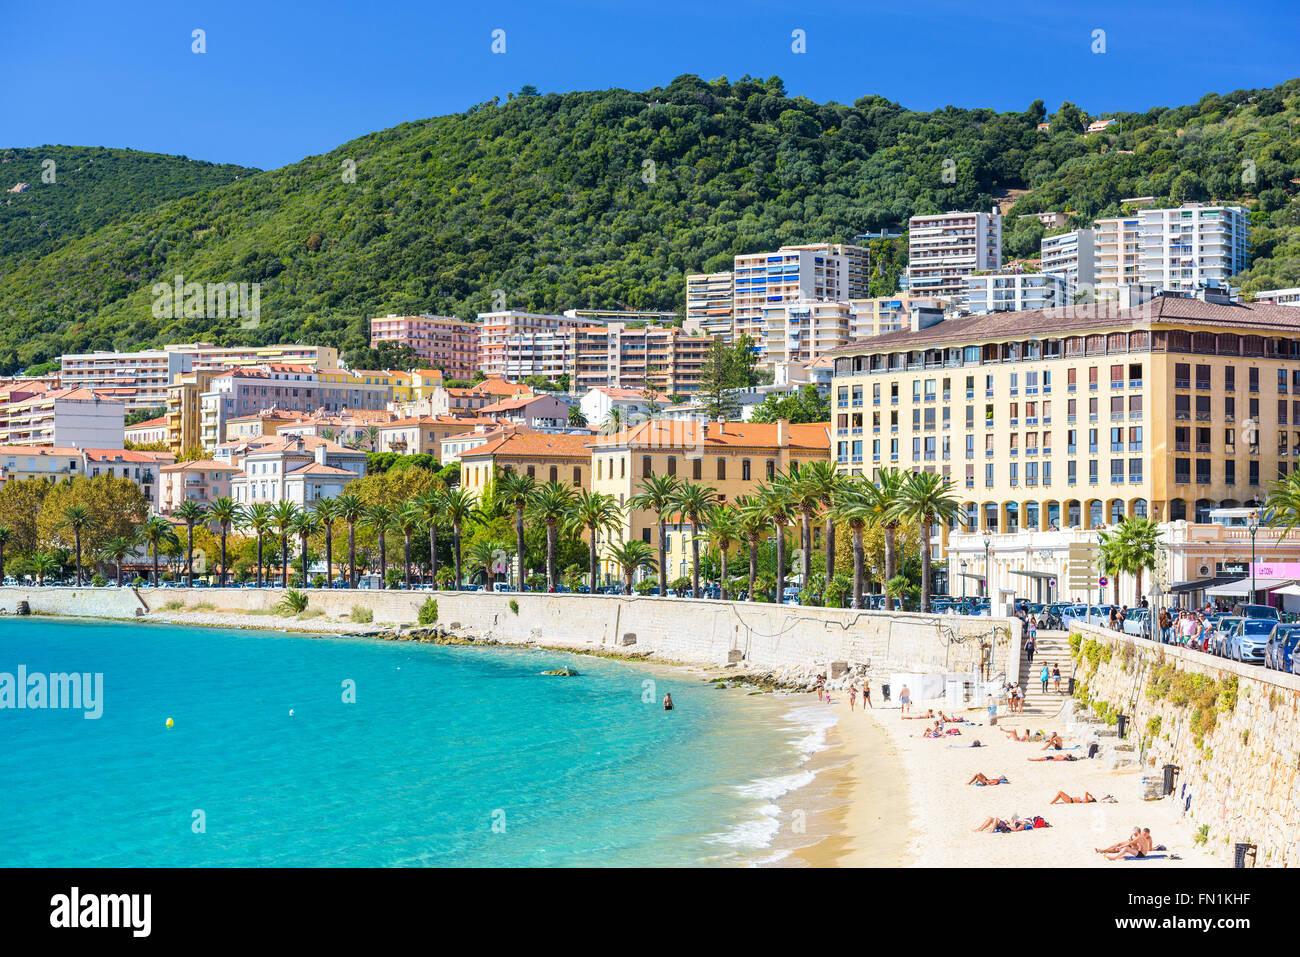 AJACCIO, FRANCE - 29 octobre 2014: la plage dans la ville d'Ajaccio, à l'ouest de l'île de Corse-coasat. Banque D'Images